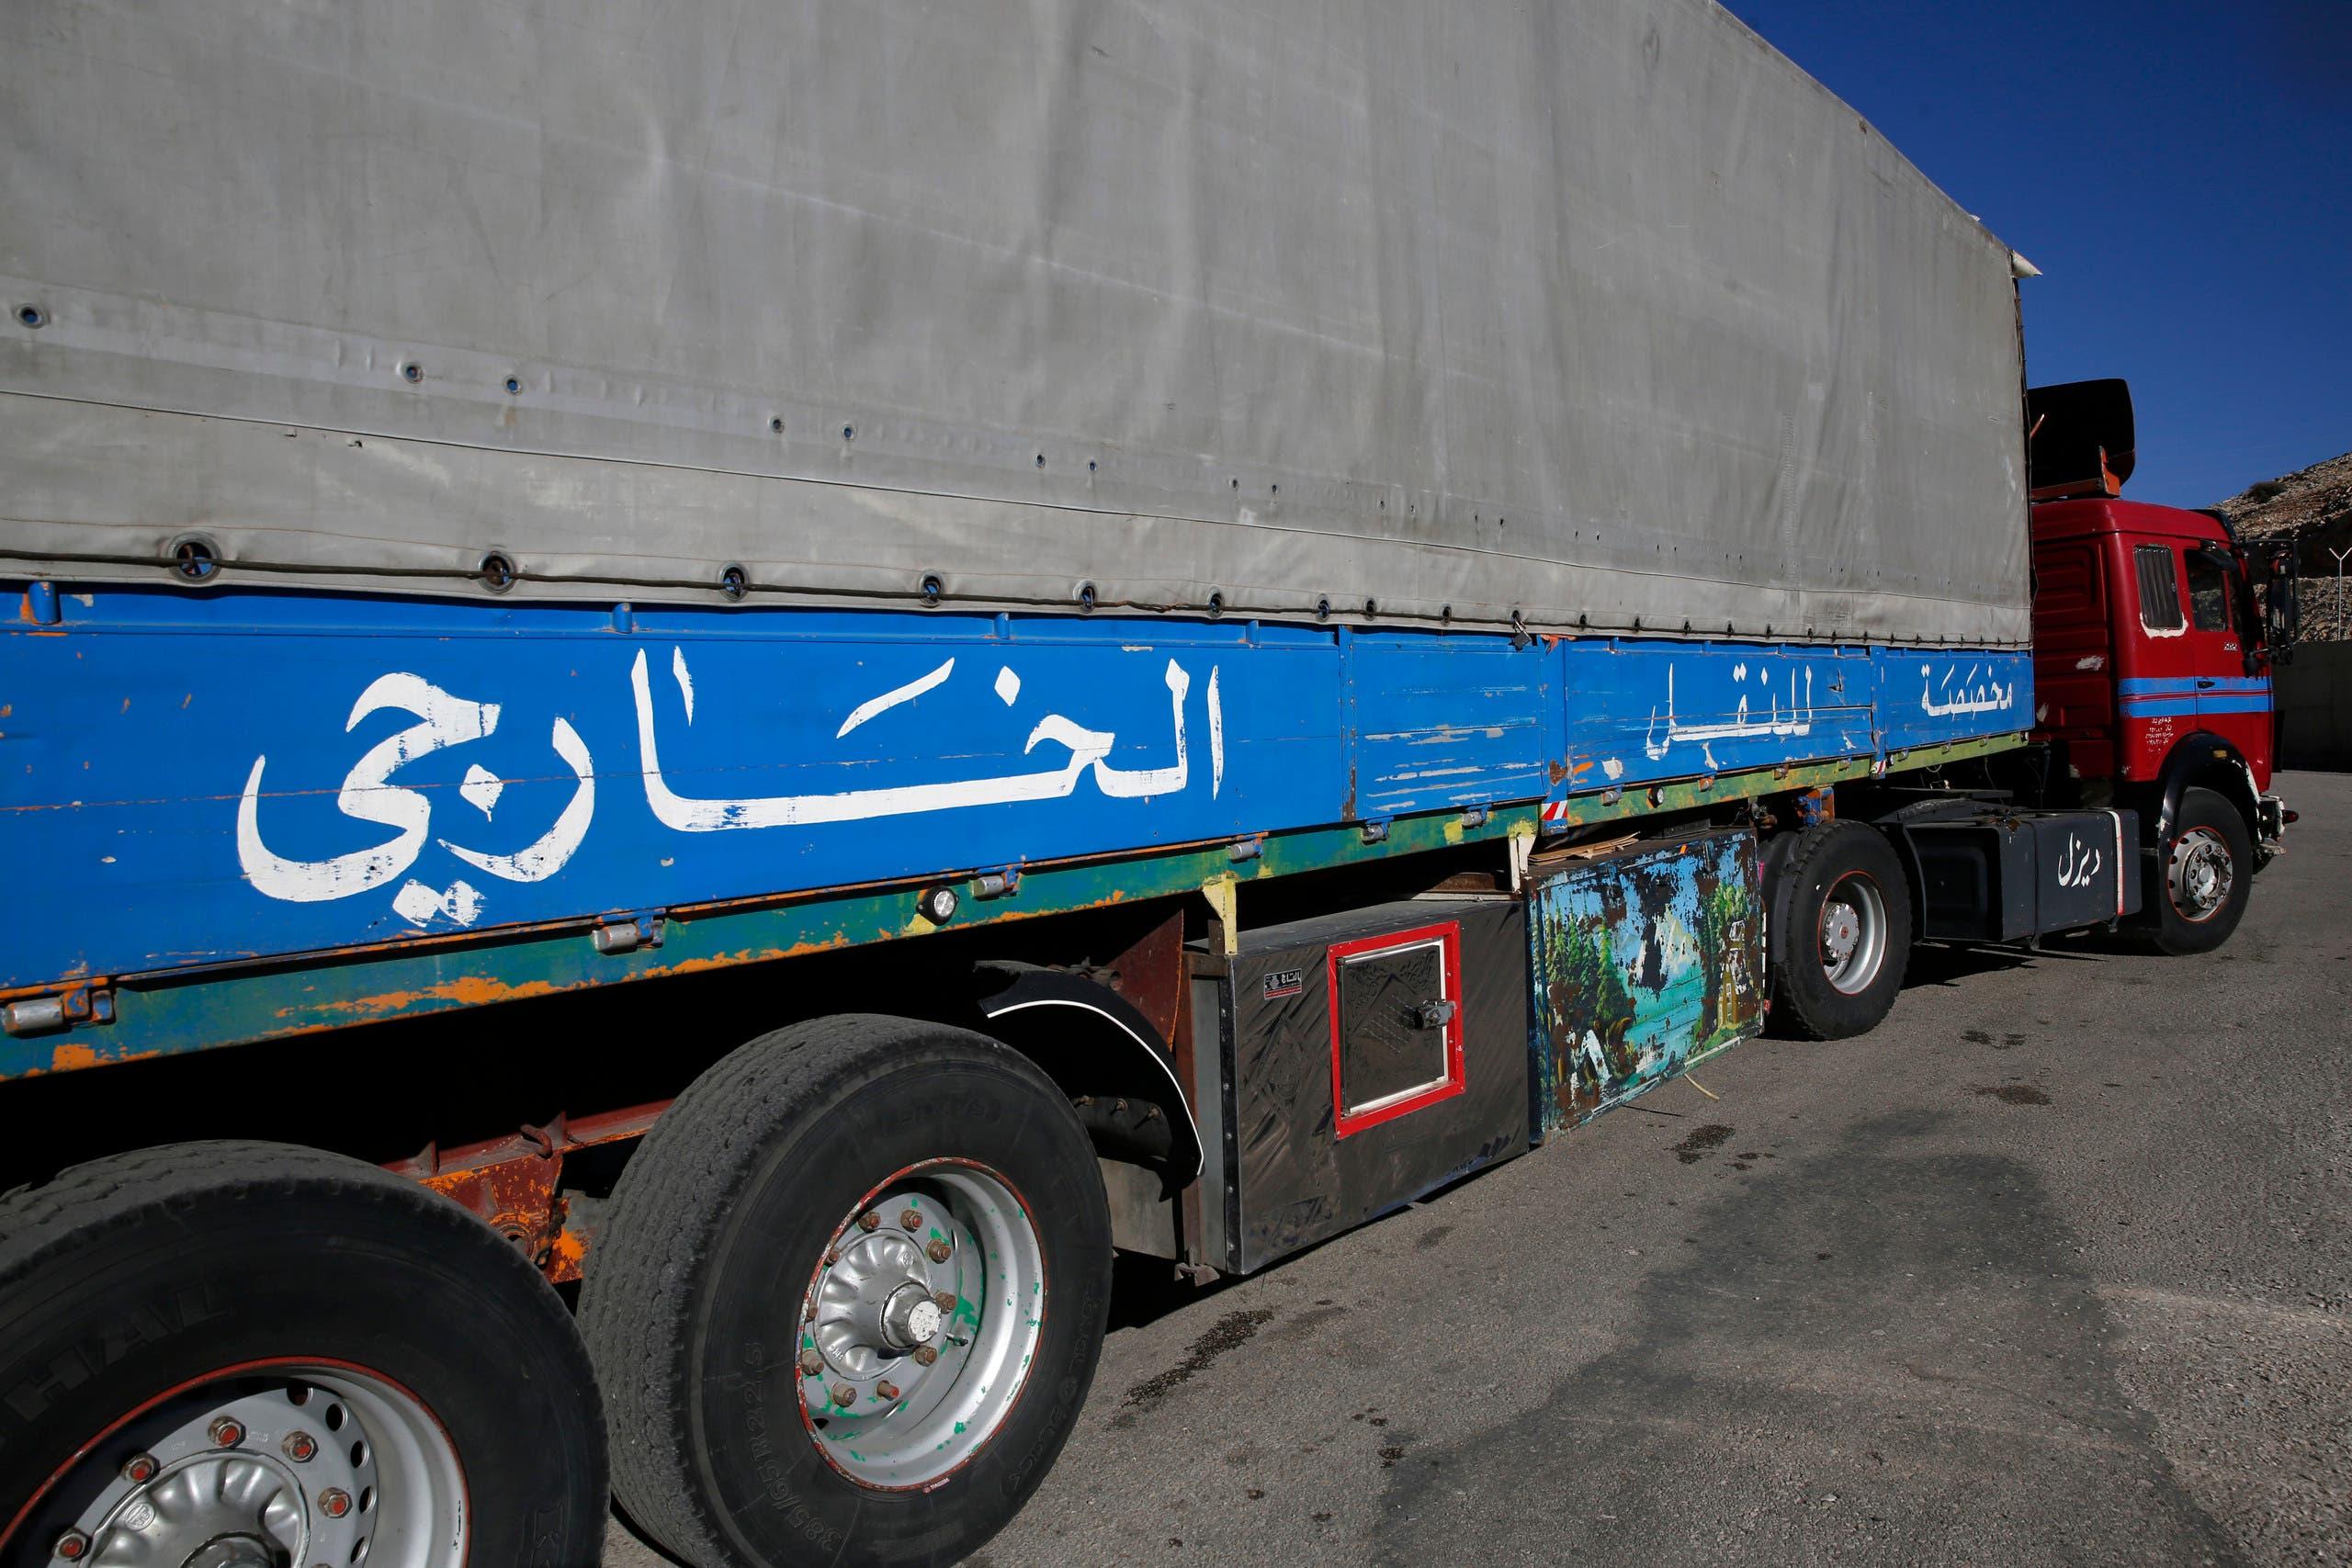 کامیون حمل کالا در مرز لبنان و سوریه (بایگانی - آسوشیتدپرس)